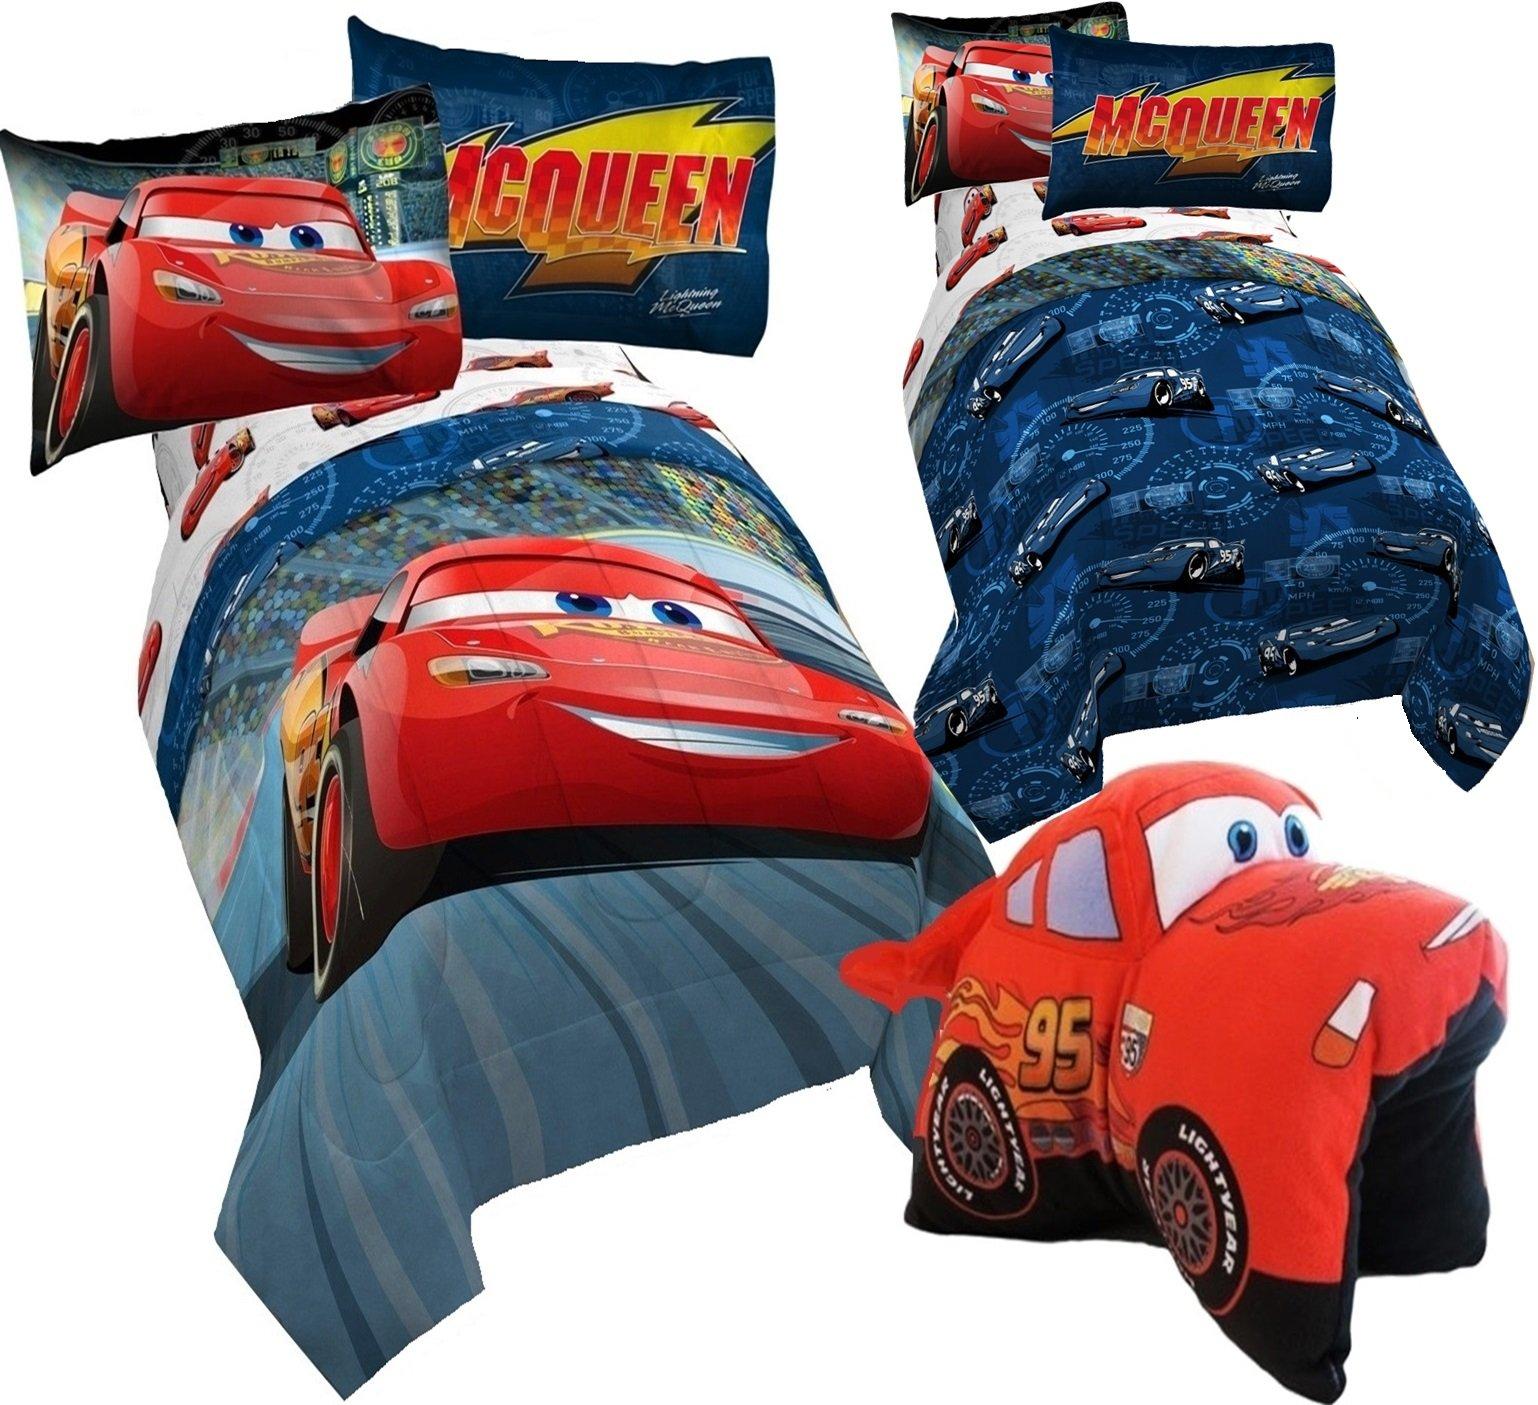 Disney CARS 6pc FULL Size Bedding ~ Twin/Full REVERSIBLE Comforter & FULL Size Sheet Set + LIGHTNING MCQUEEN Plush Pillow by Franco